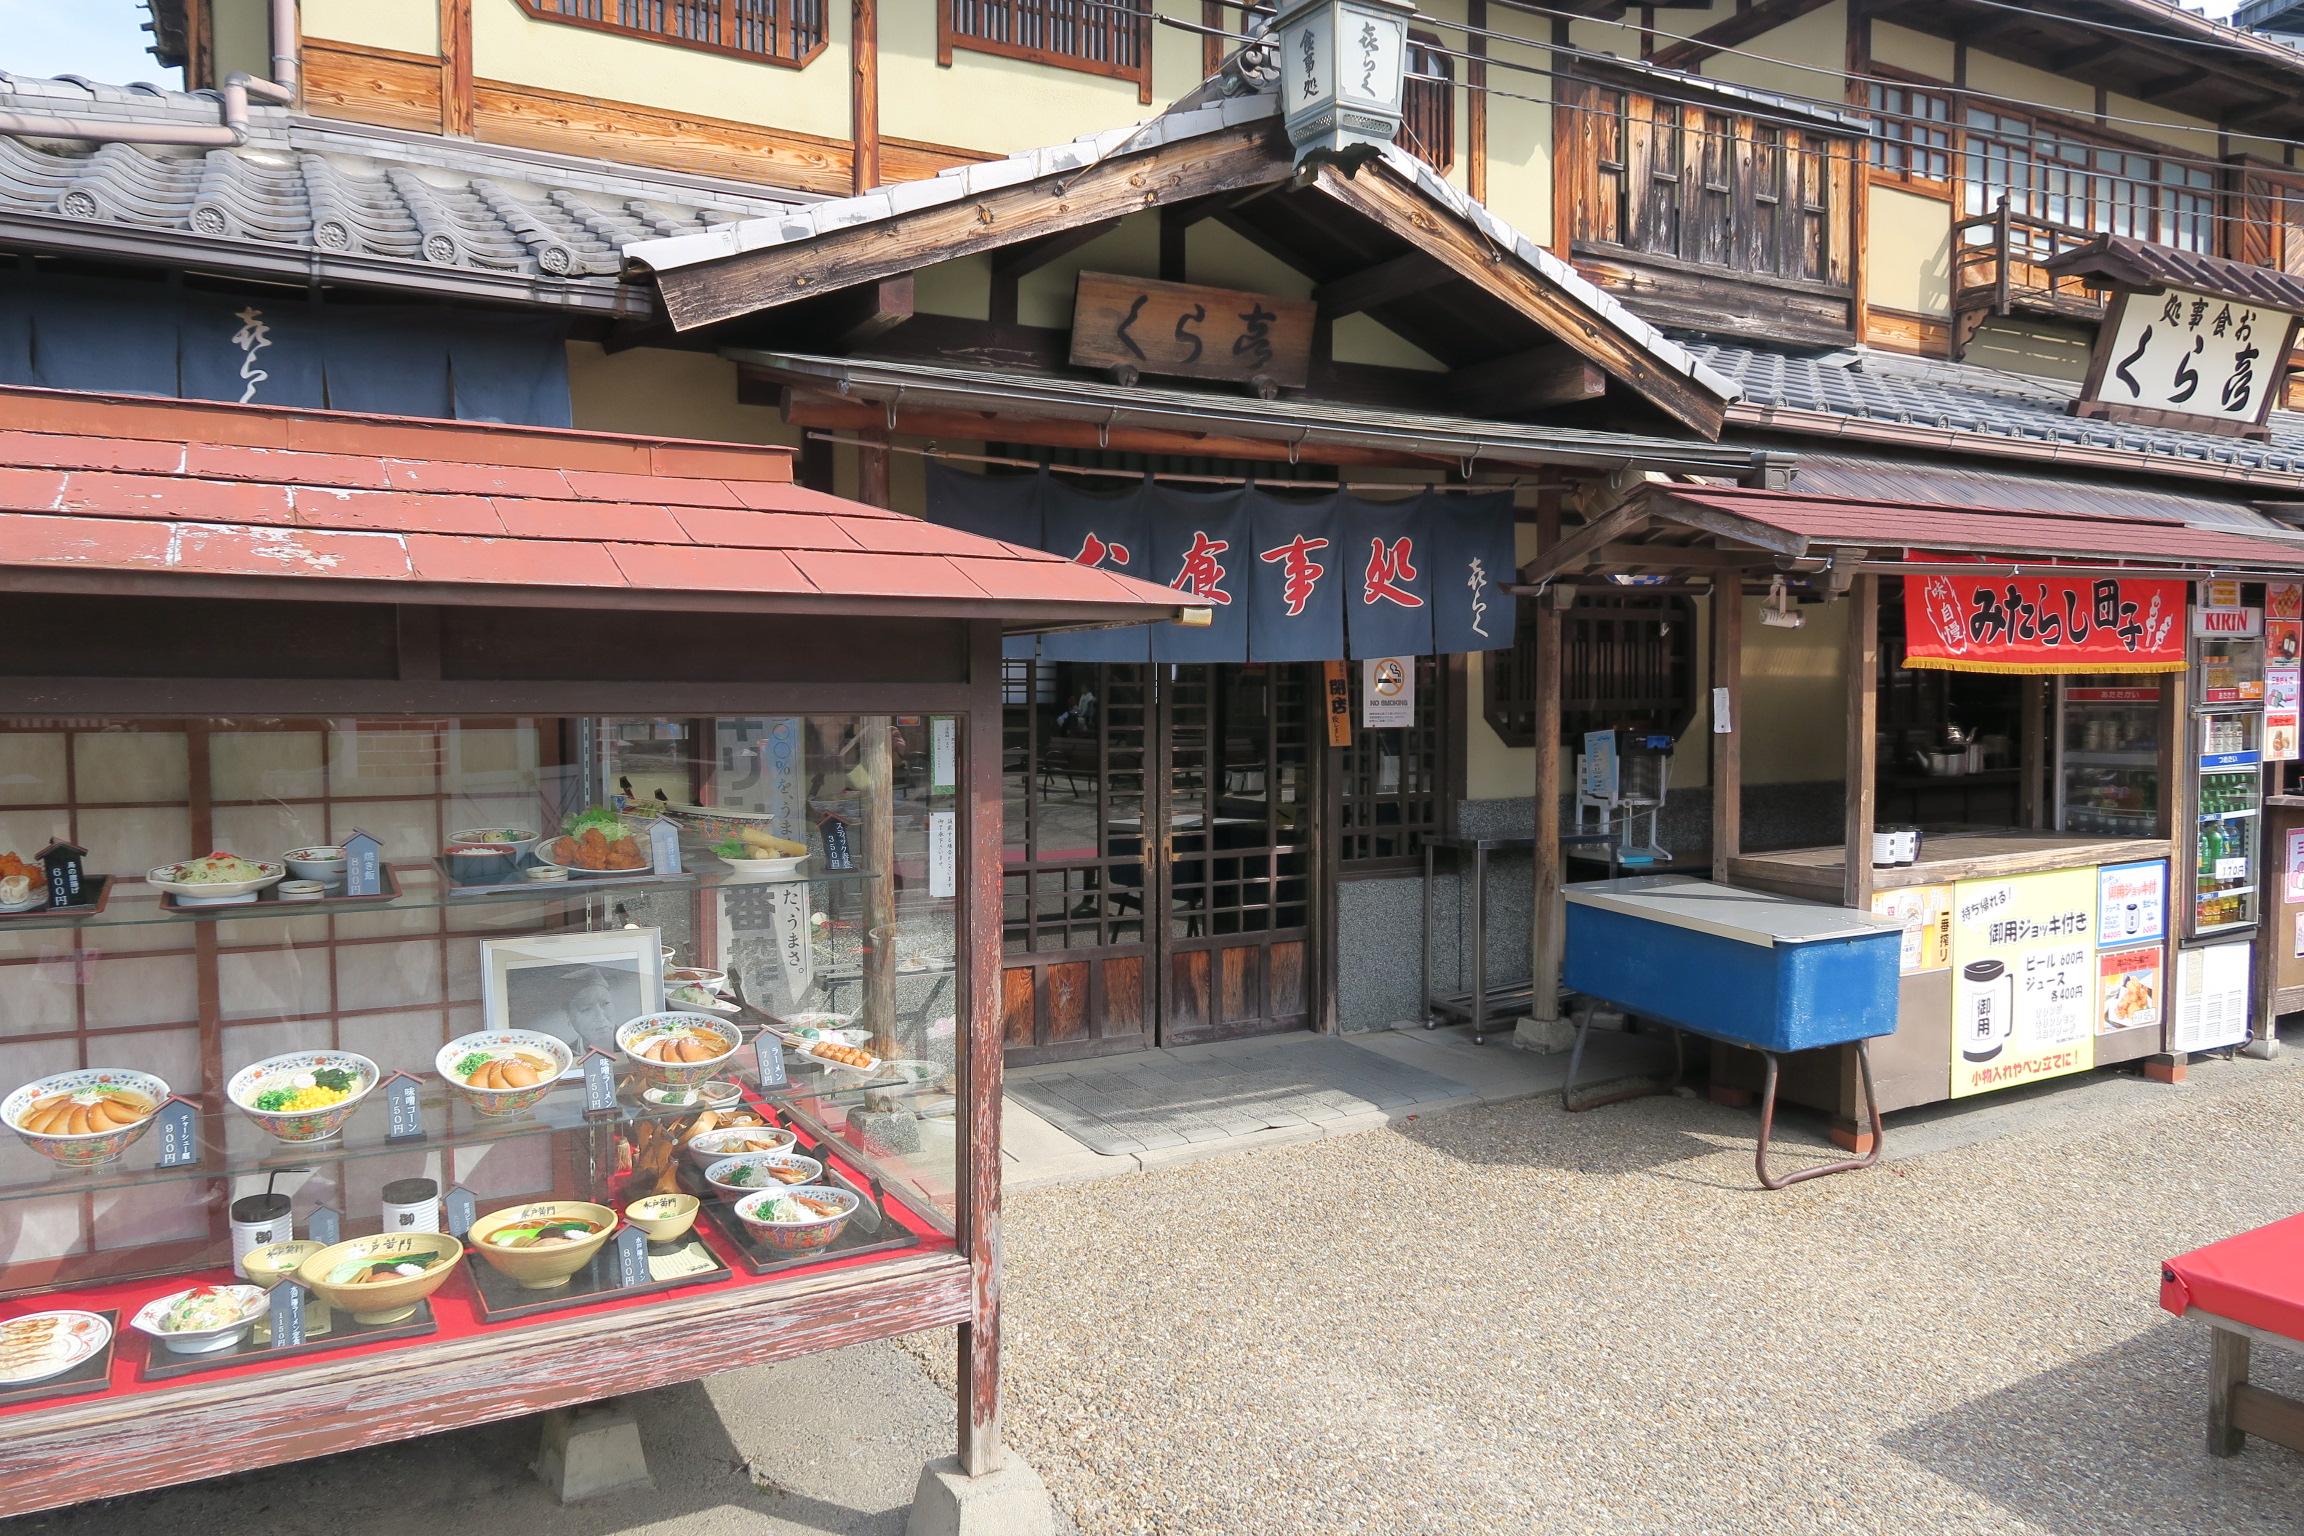 お食事処。味噌コーンラーメン750円、チャーシュー麺900円とリーズナブル。